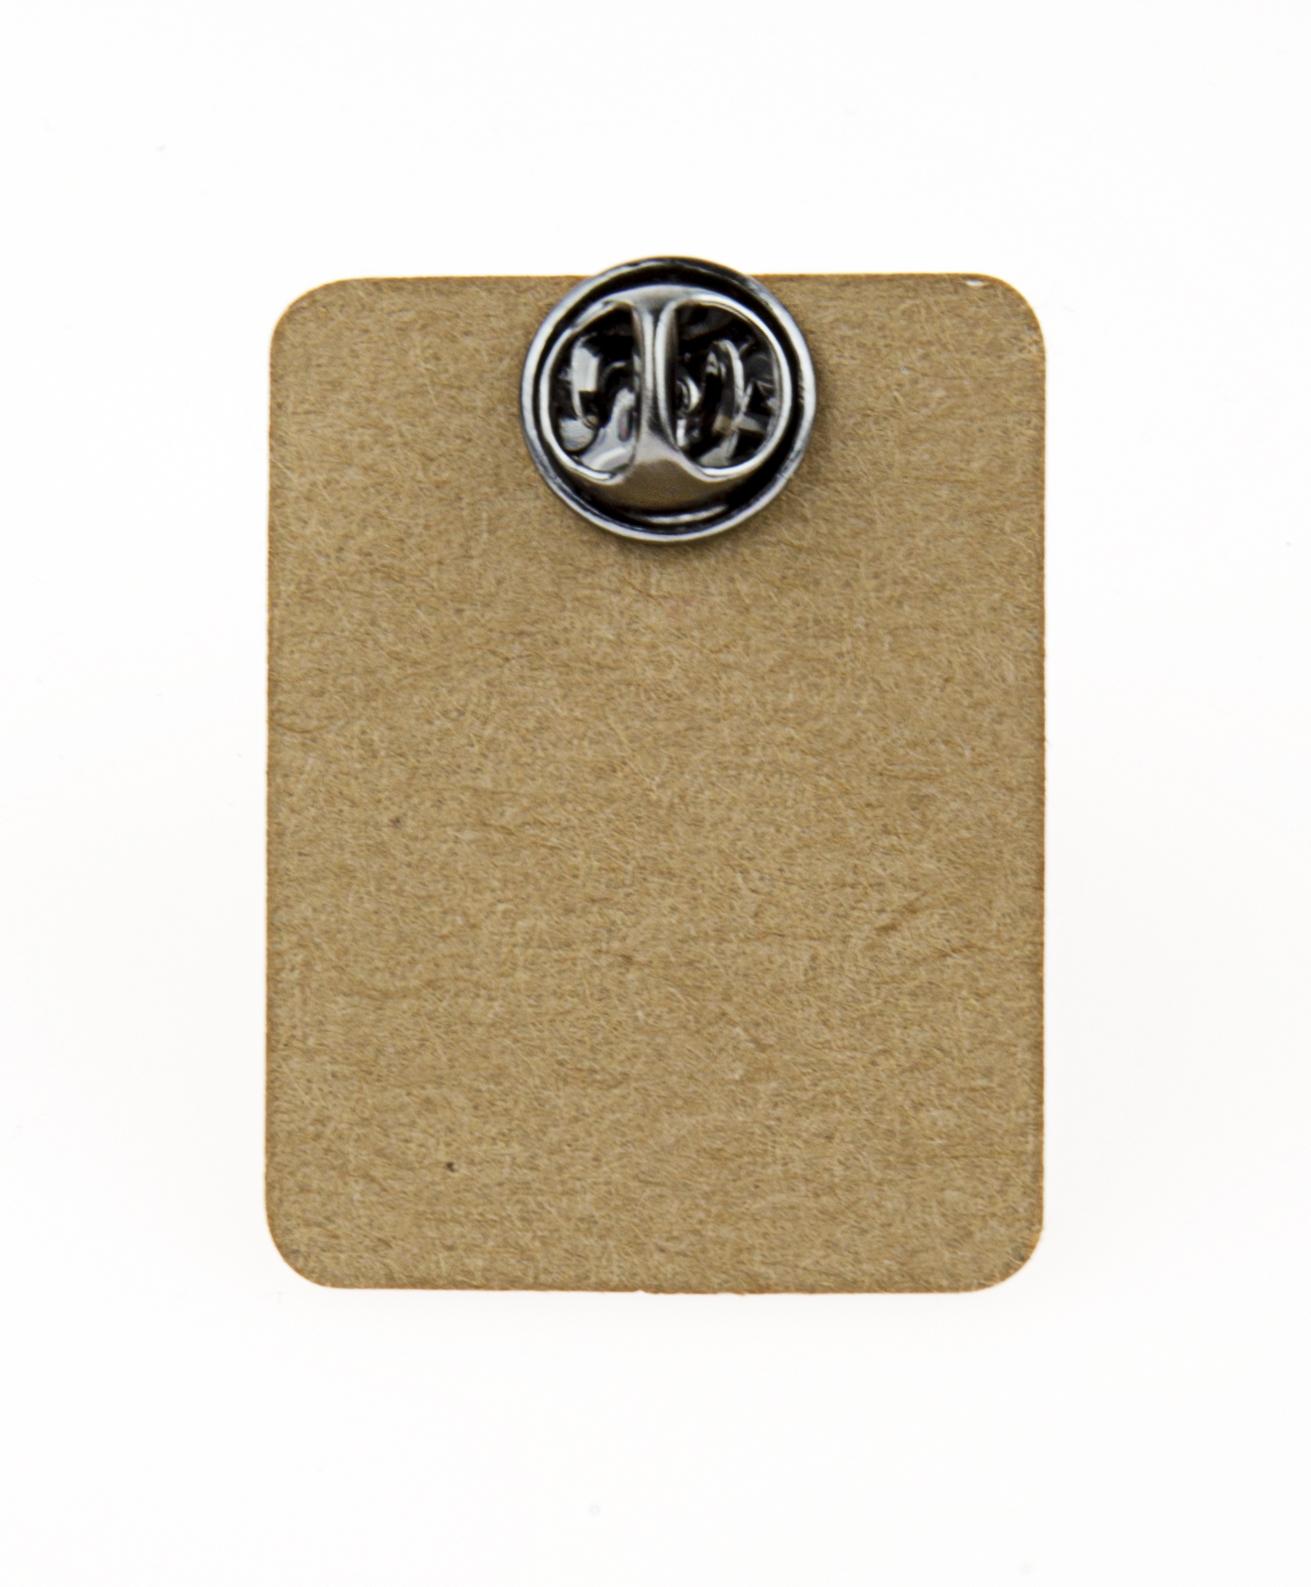 Metal Van Gogh Enamel Pin Badge